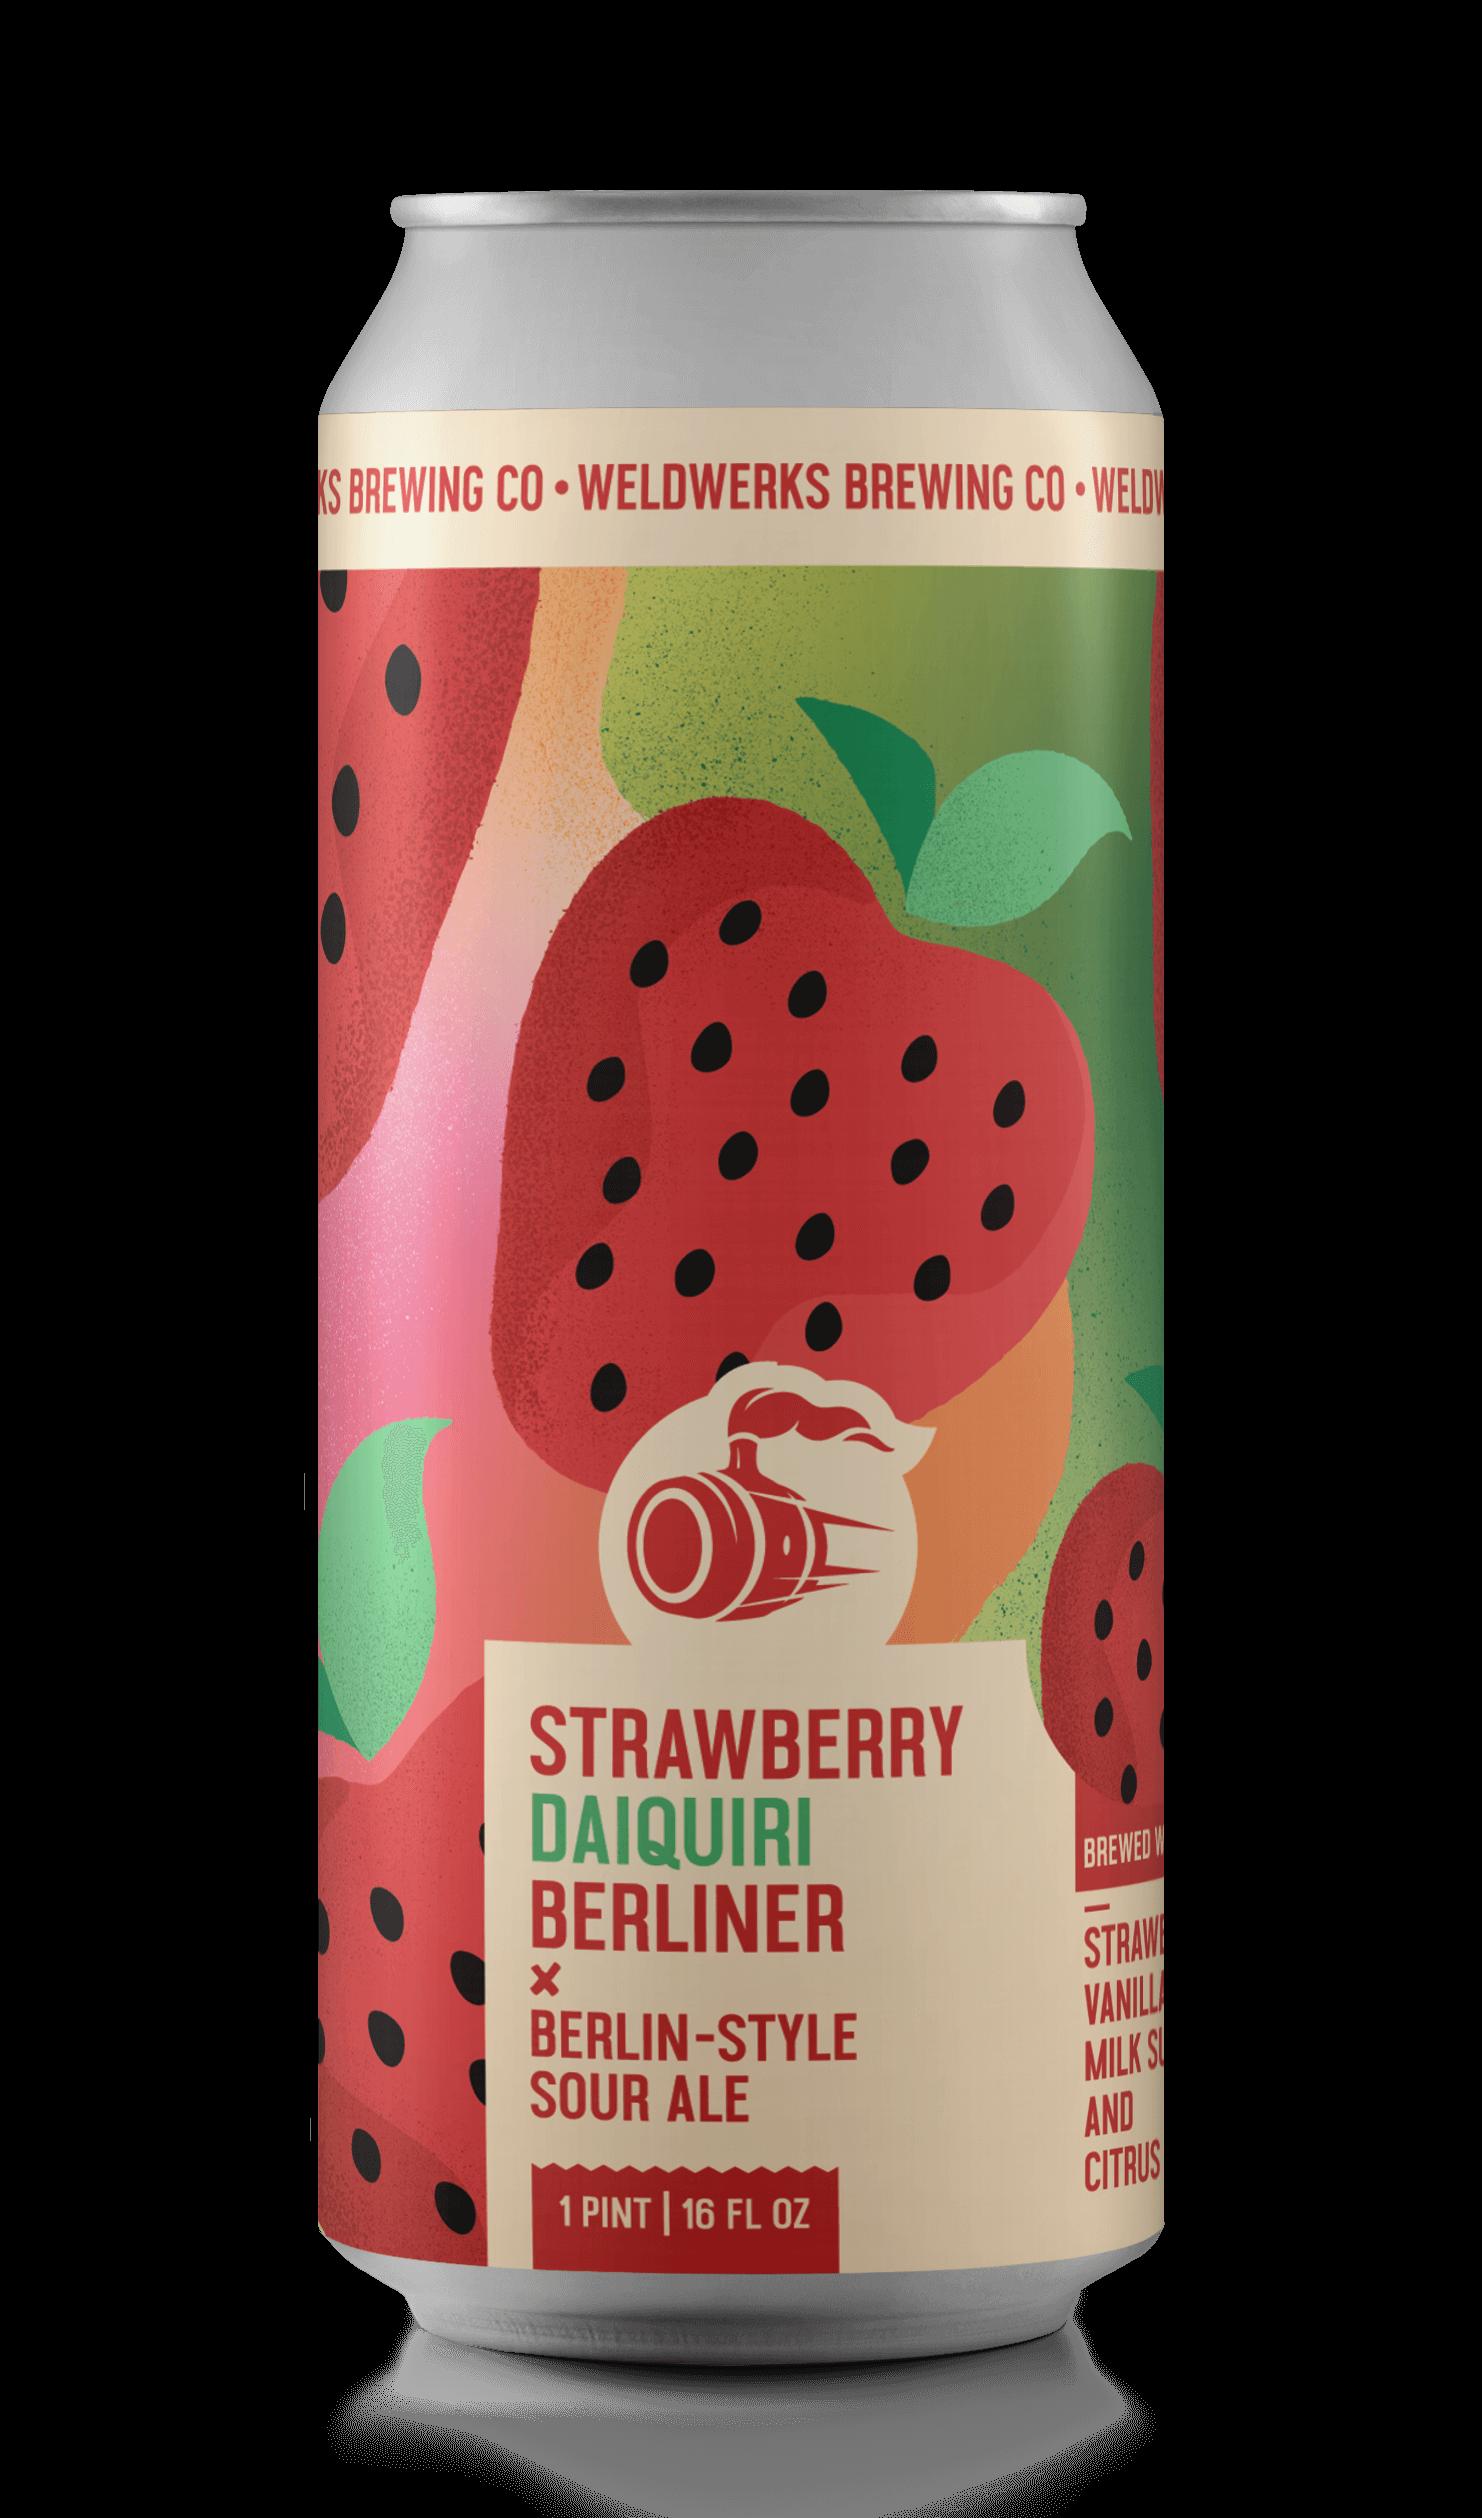 Strawberry Daiquiri Berliner